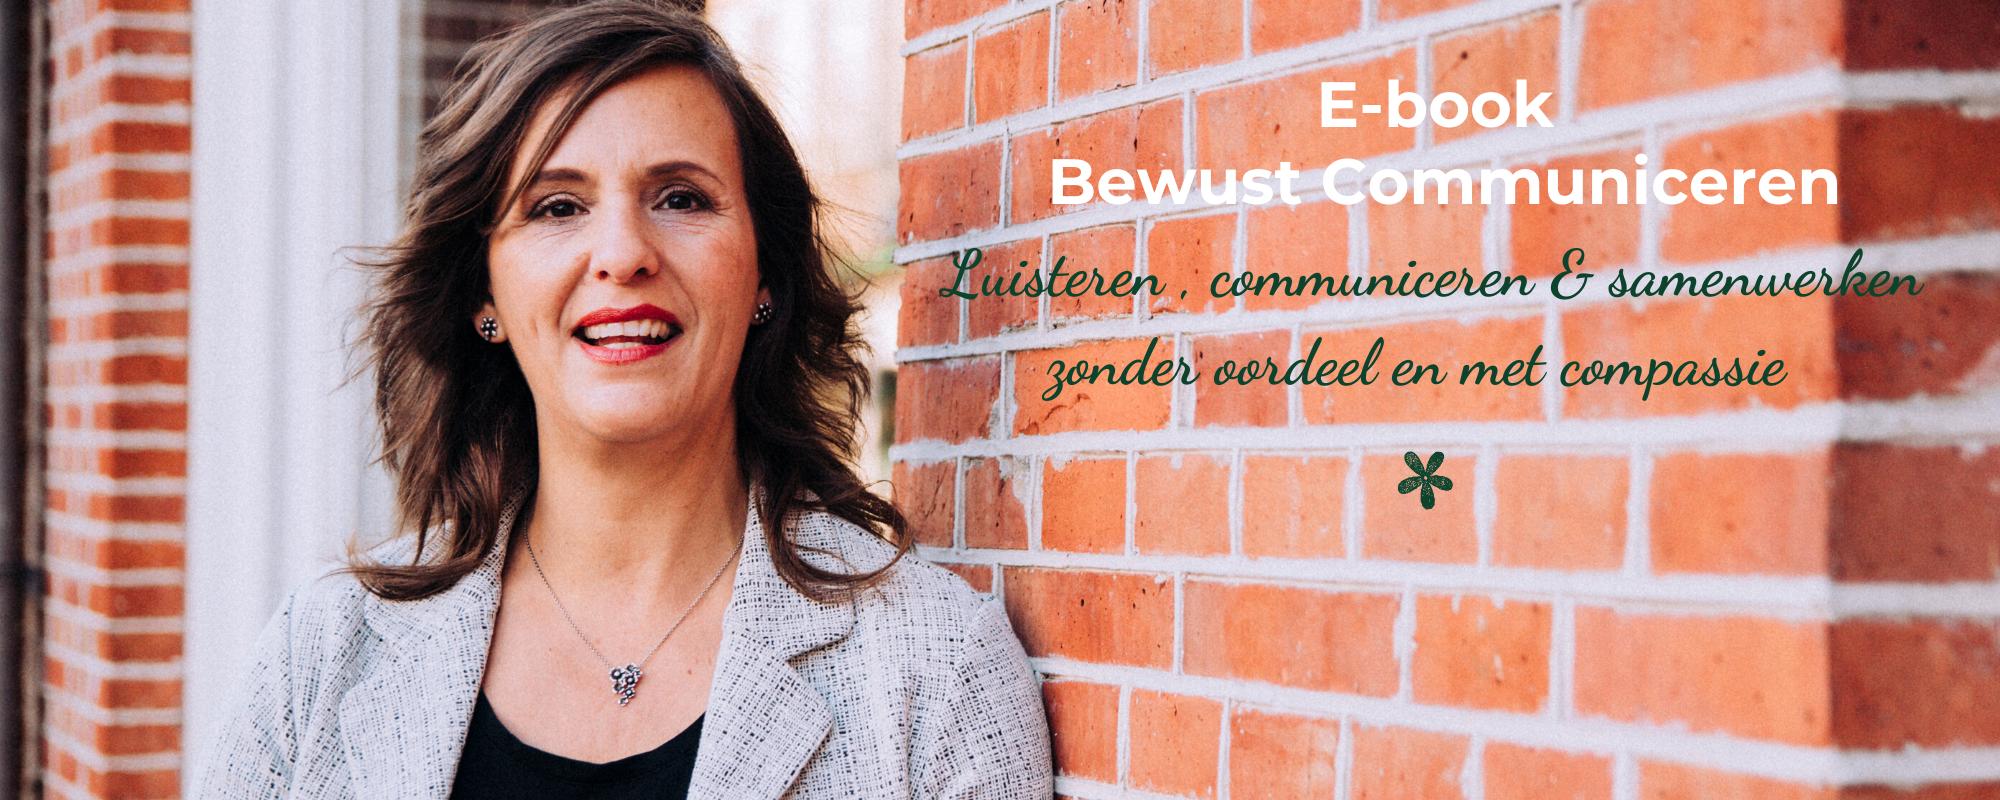 Ebook Bewust communiceren